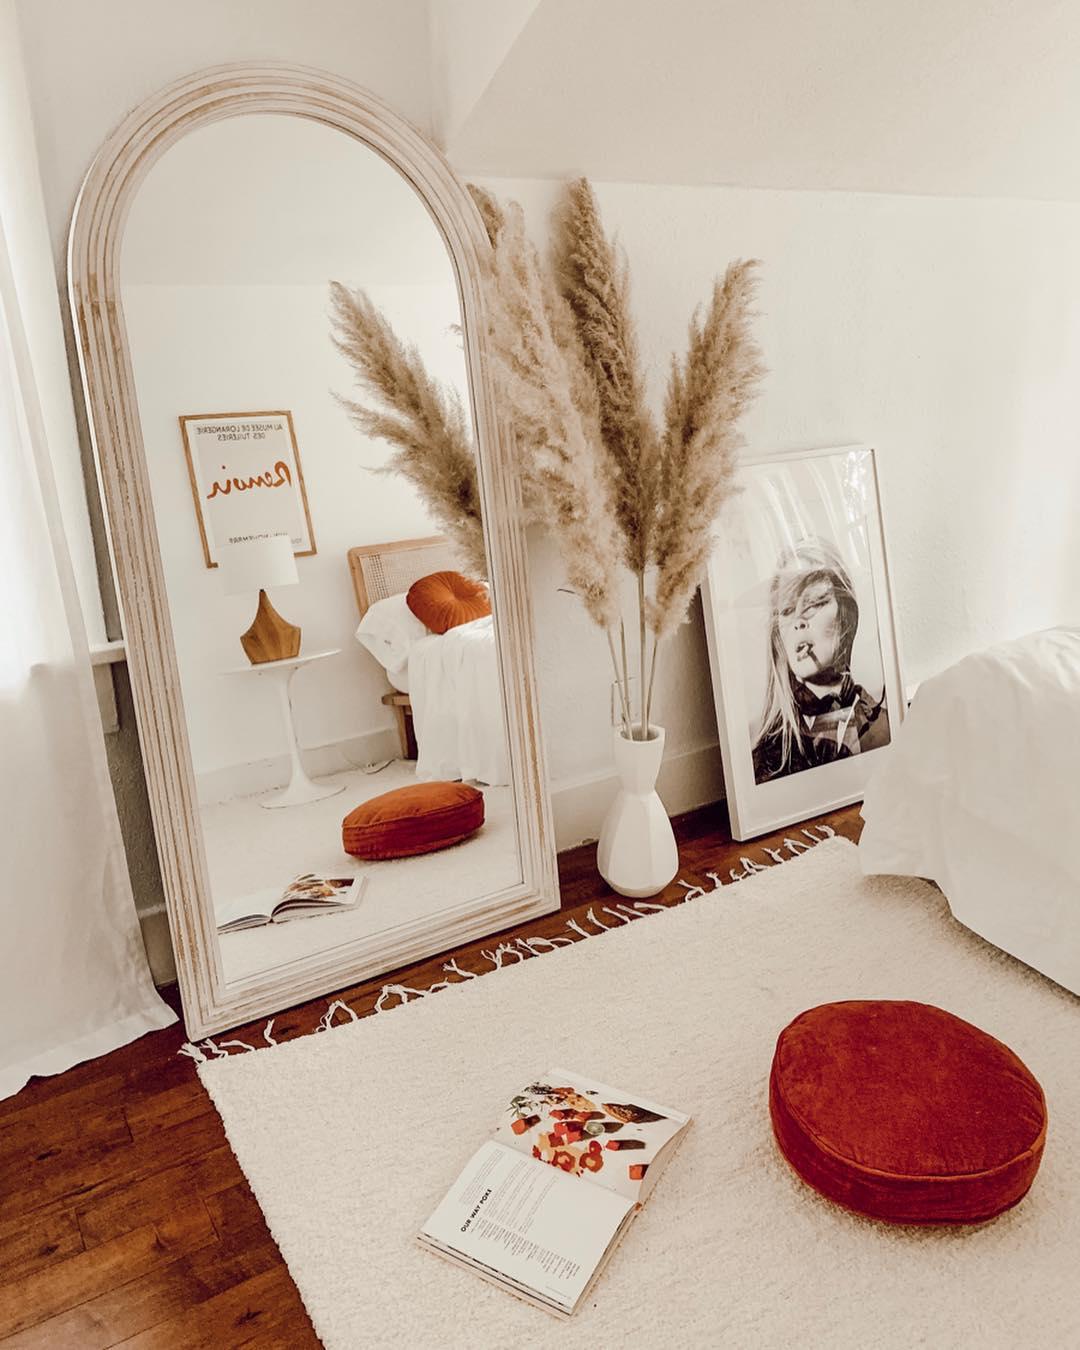 ezz-wilson-portland-interior-stylist-designer-photo-2 - Ezz Wilson.jpg